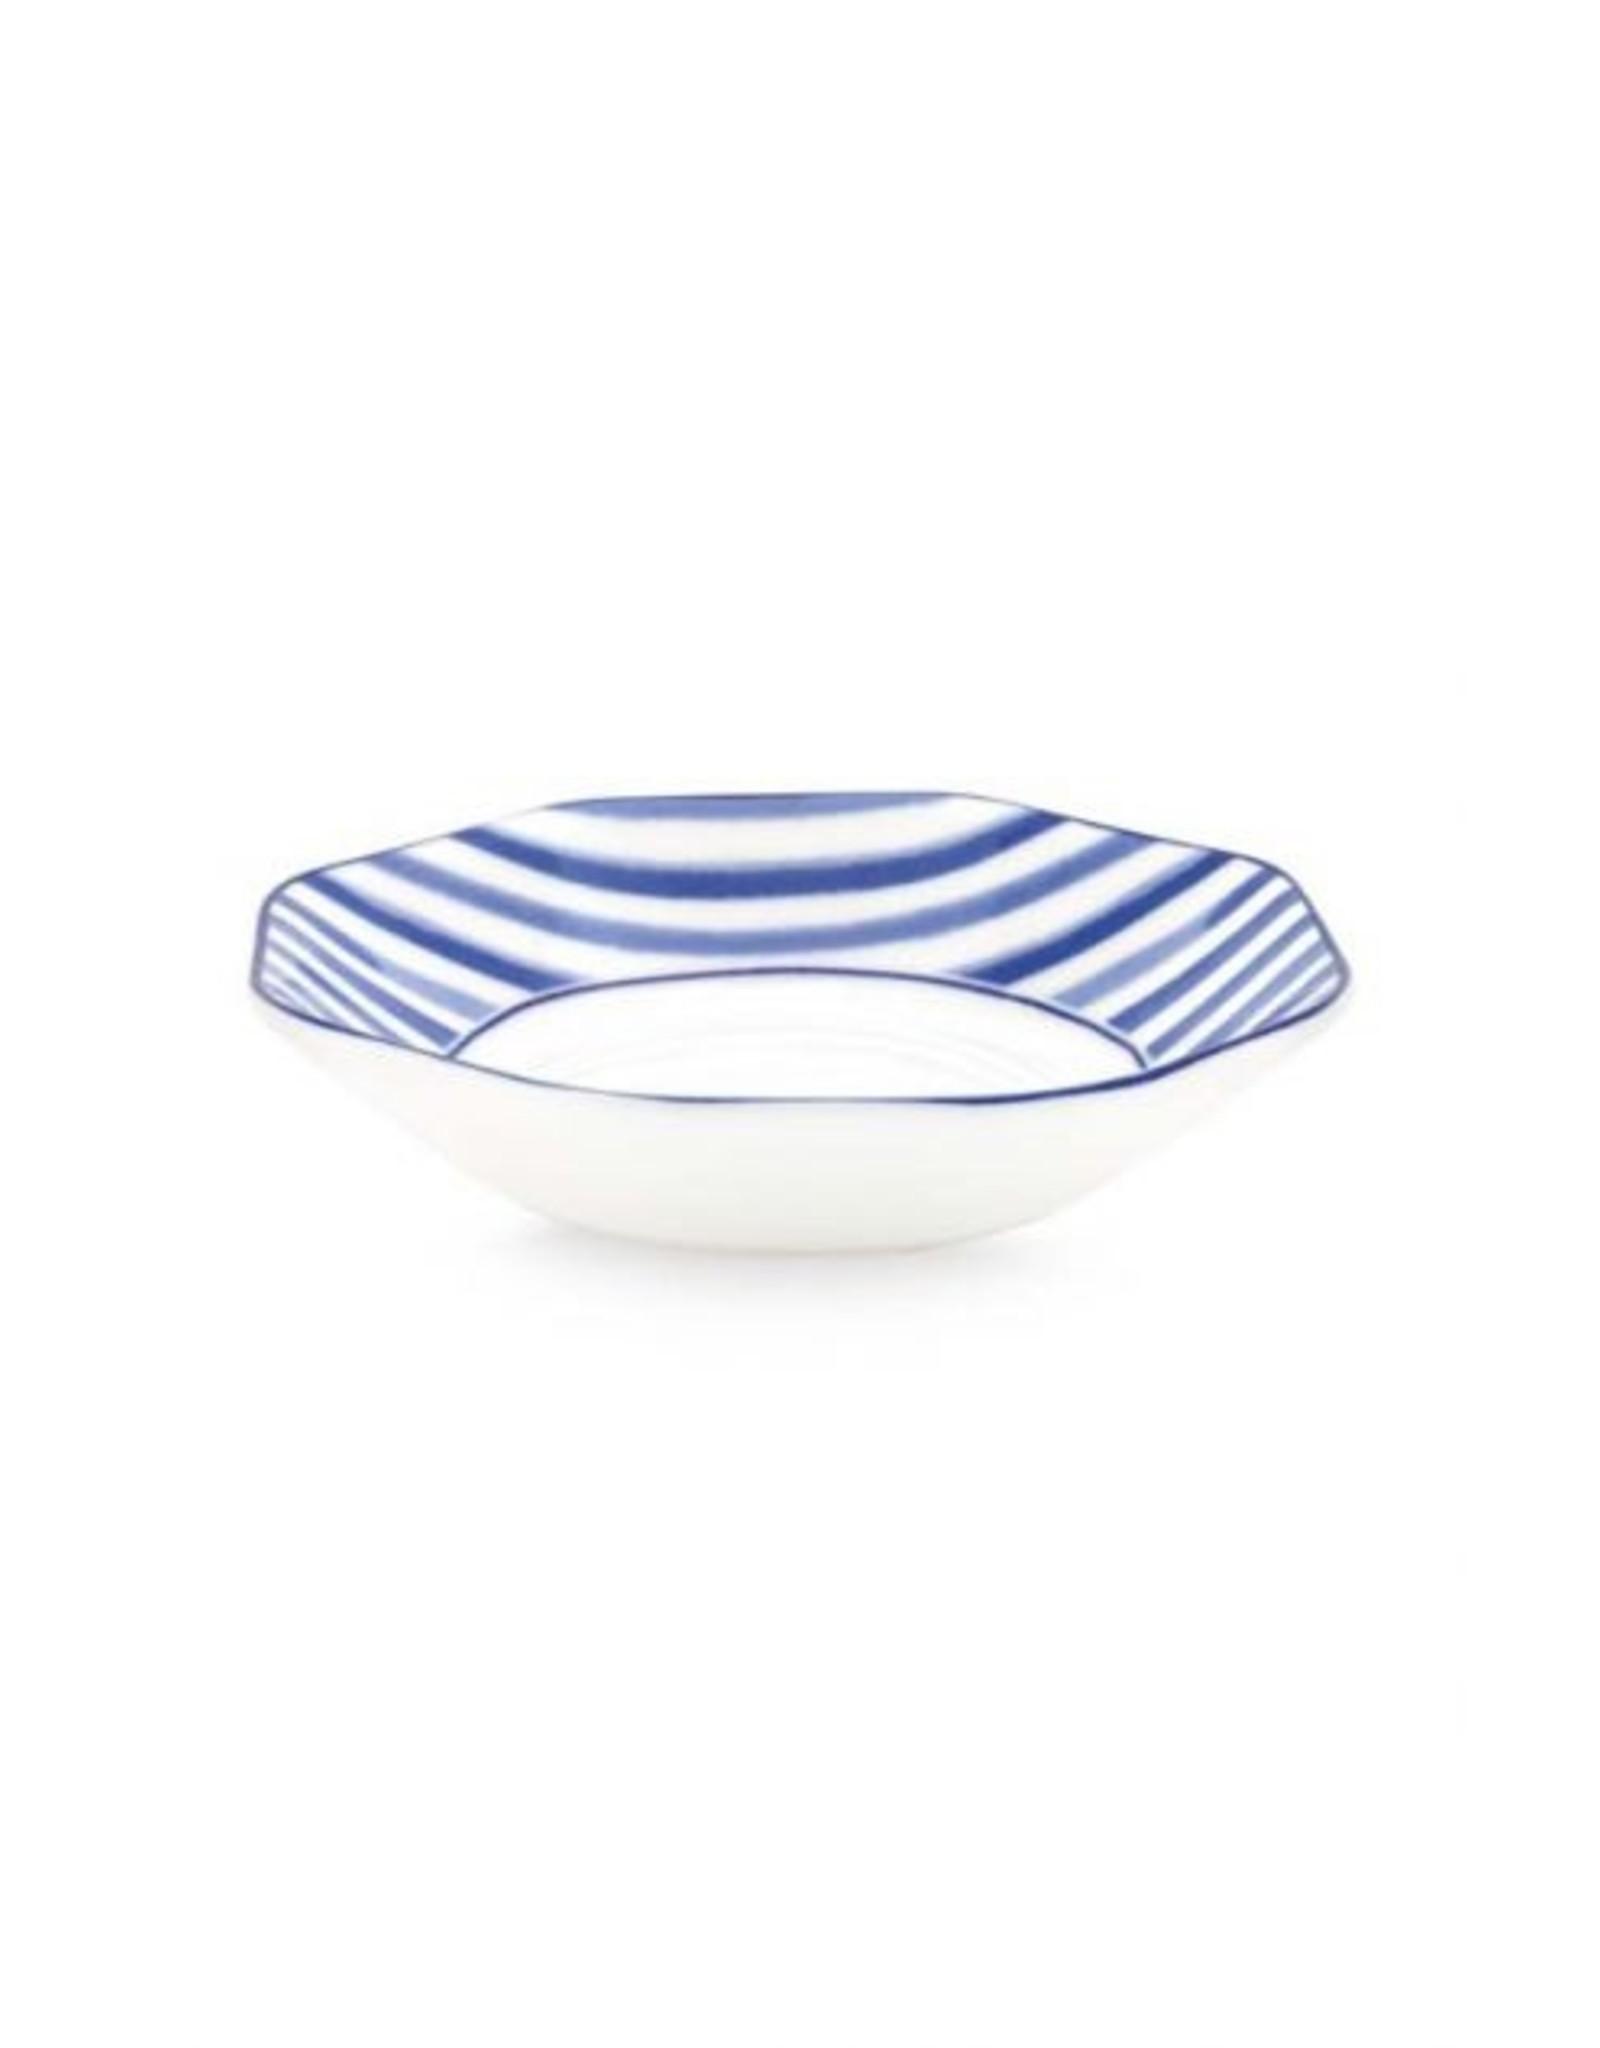 Janny van der Heijden Tea tips stripes